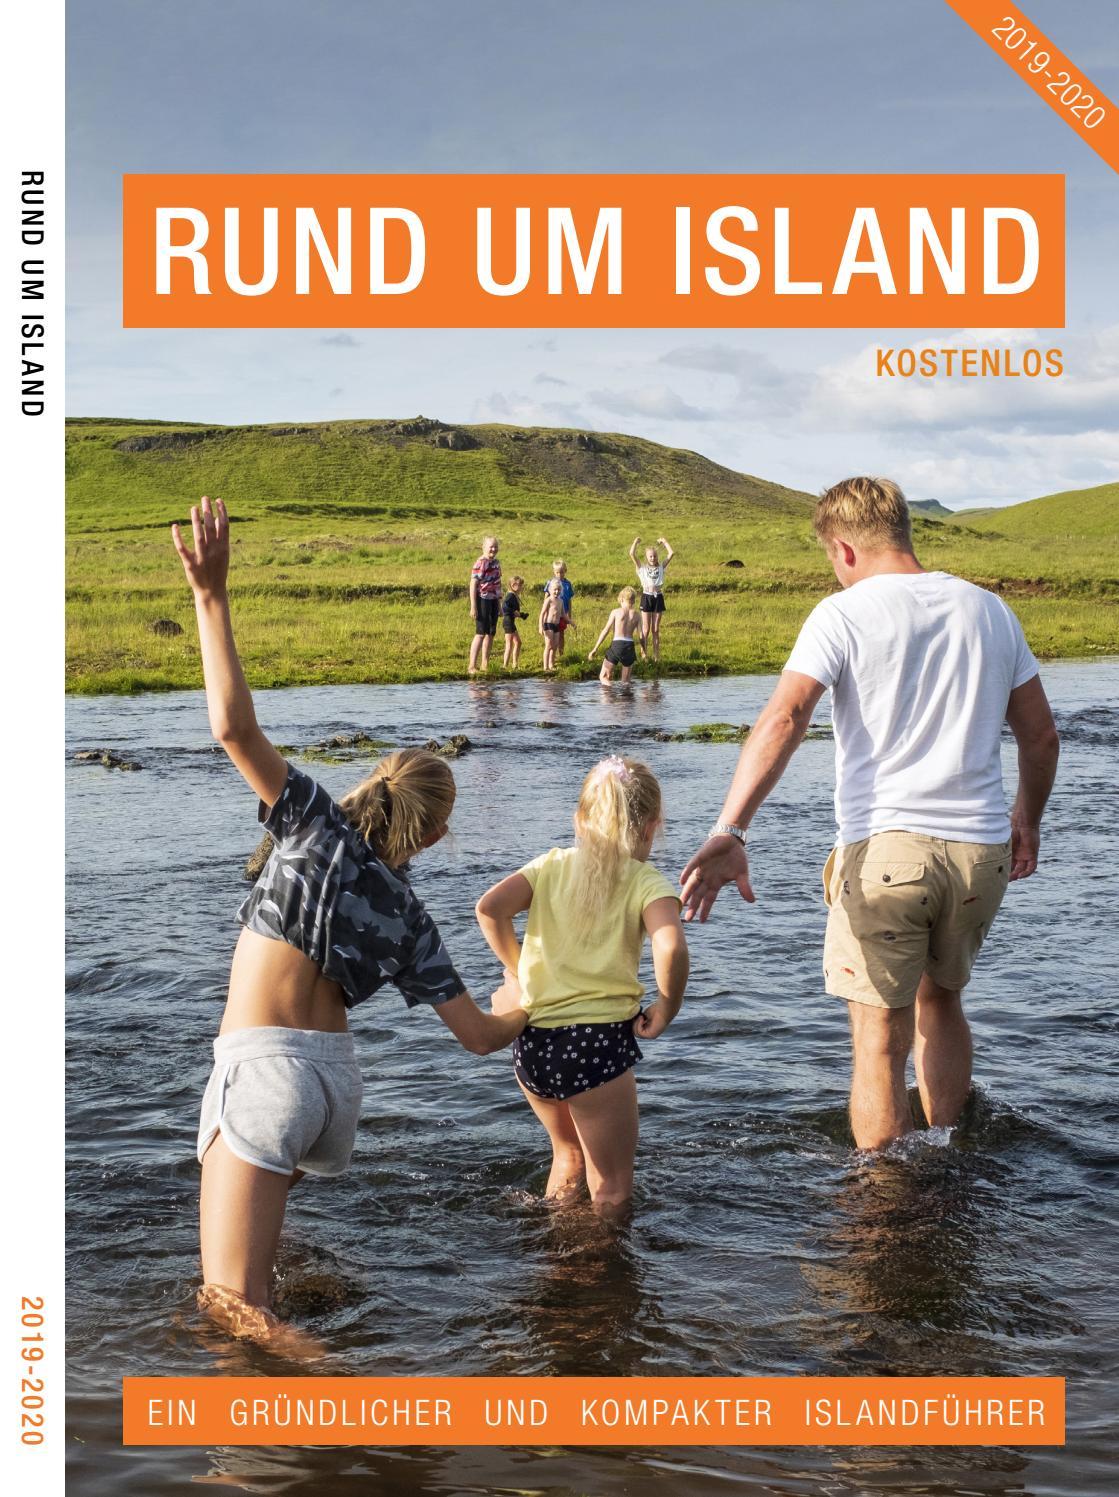 Rund Um Island 2019 2020 By Md Reykjavik Issuu